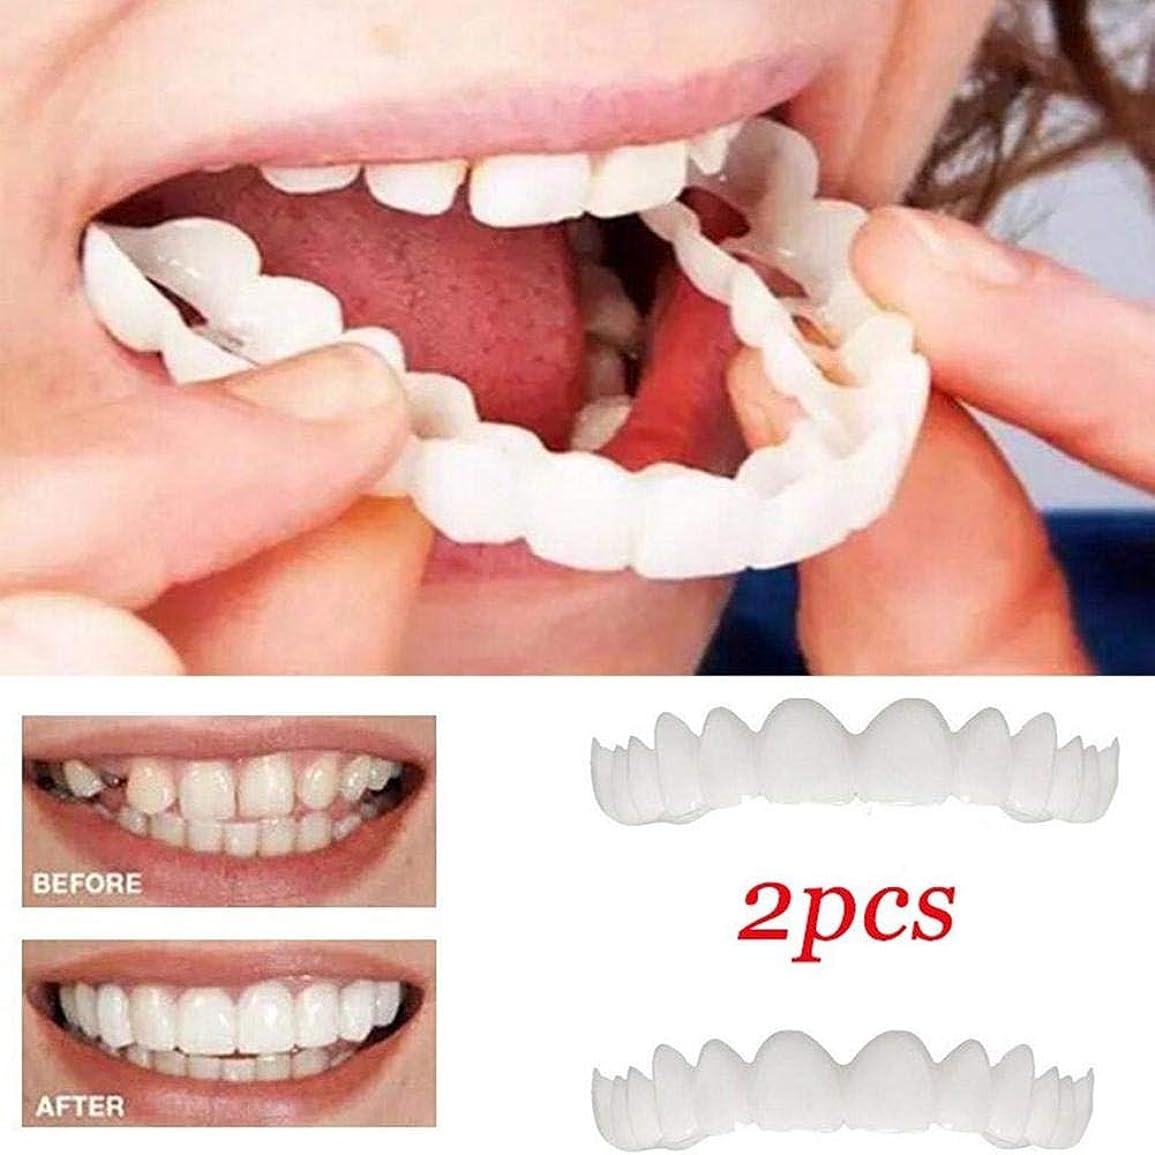 心配する透過性ハードウェアユニセックスシリコンシミュレーション義歯、ホワイトニングフィット義歯(上下の歯のセット),A